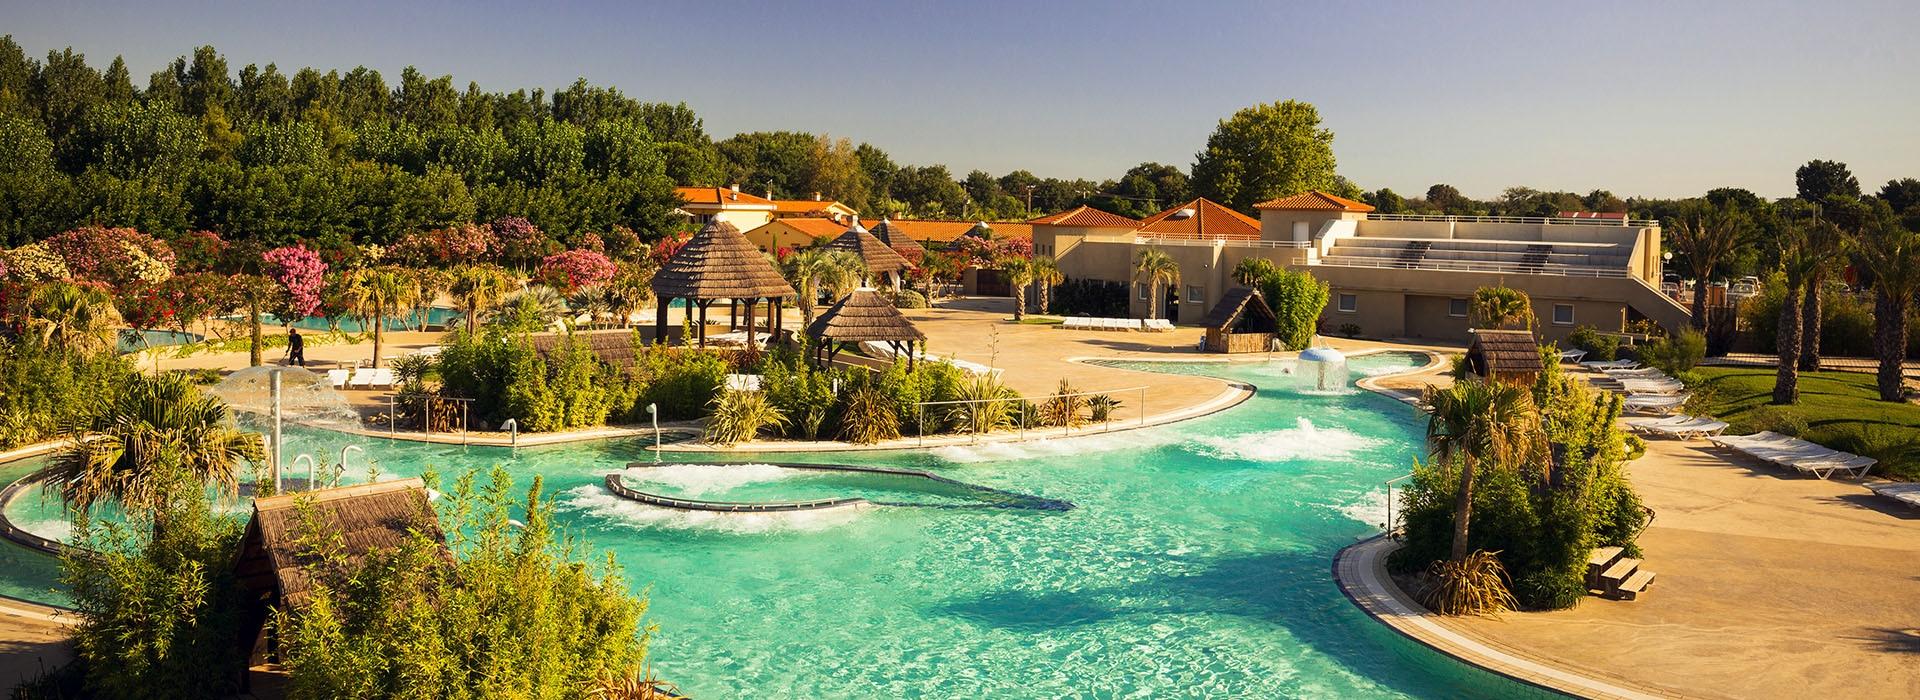 Camping argeles avec parc aquatique le dauphin - Camping argeles sur mer avec piscine ...